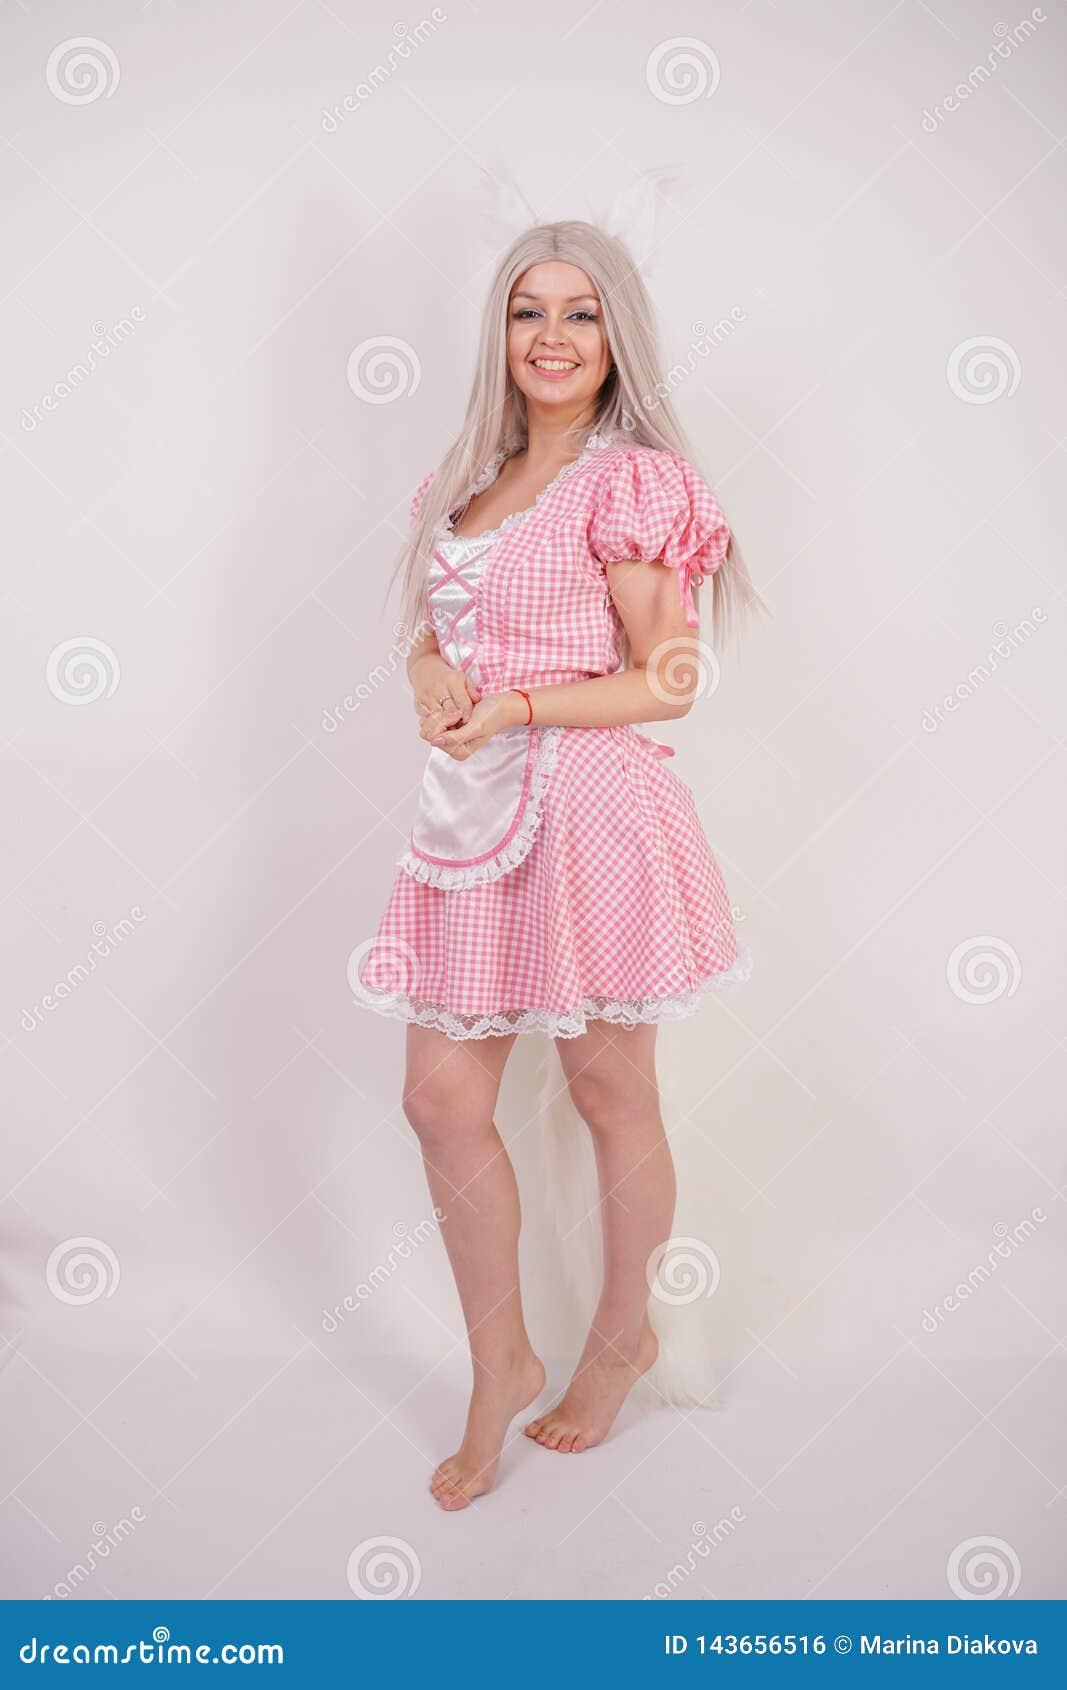 Fille blonde mignonne posant dans une robe bavaroise de plaid avec du charme avec des oreilles de chat de fourrure et une longue